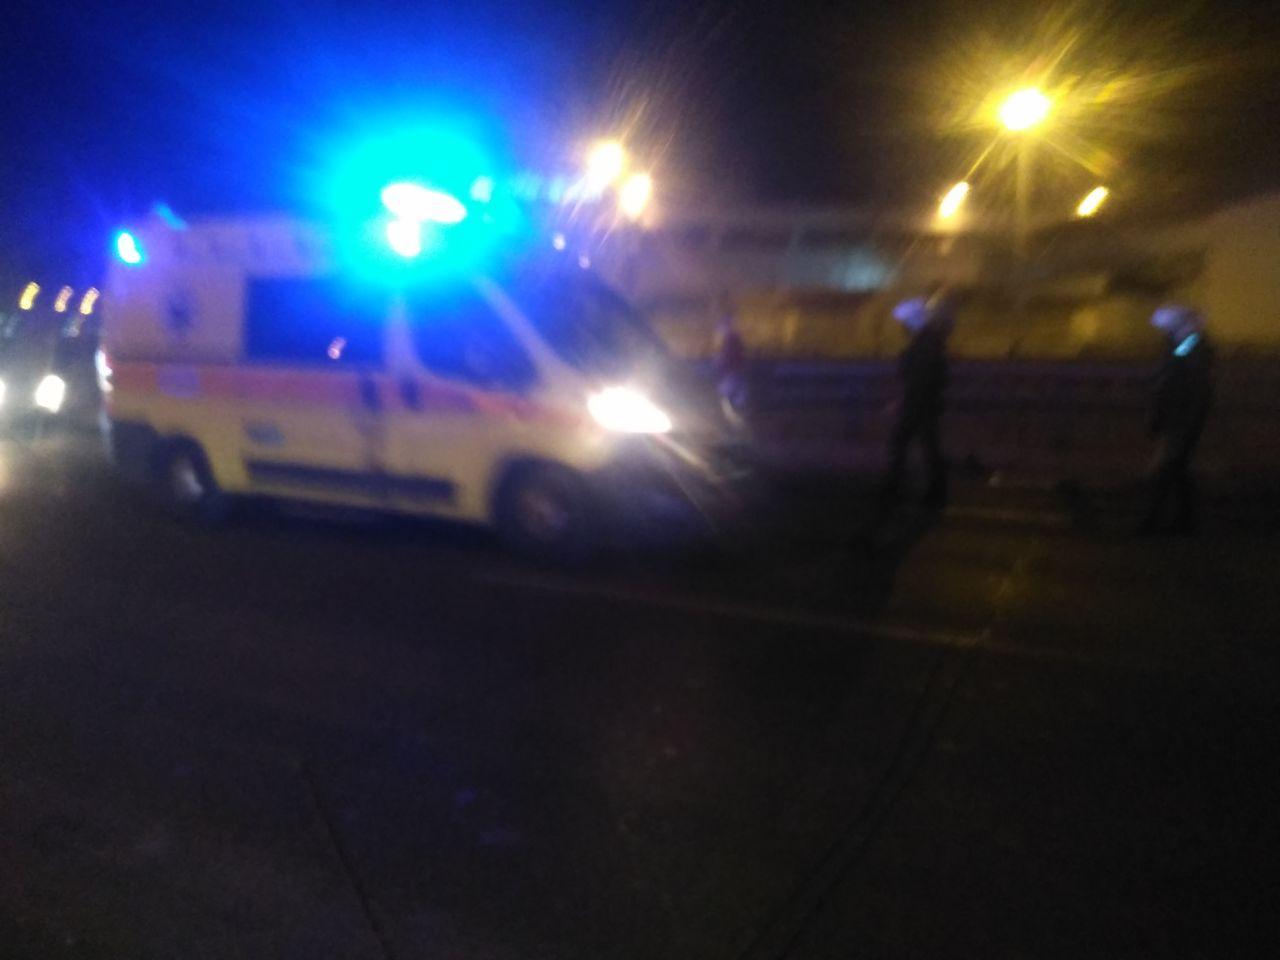 Σοβαρό τροχαίο στην Εθνική - Τραυματίες και αστυνομικοί της ομάδας ΔΙΑΣ (pics, video)